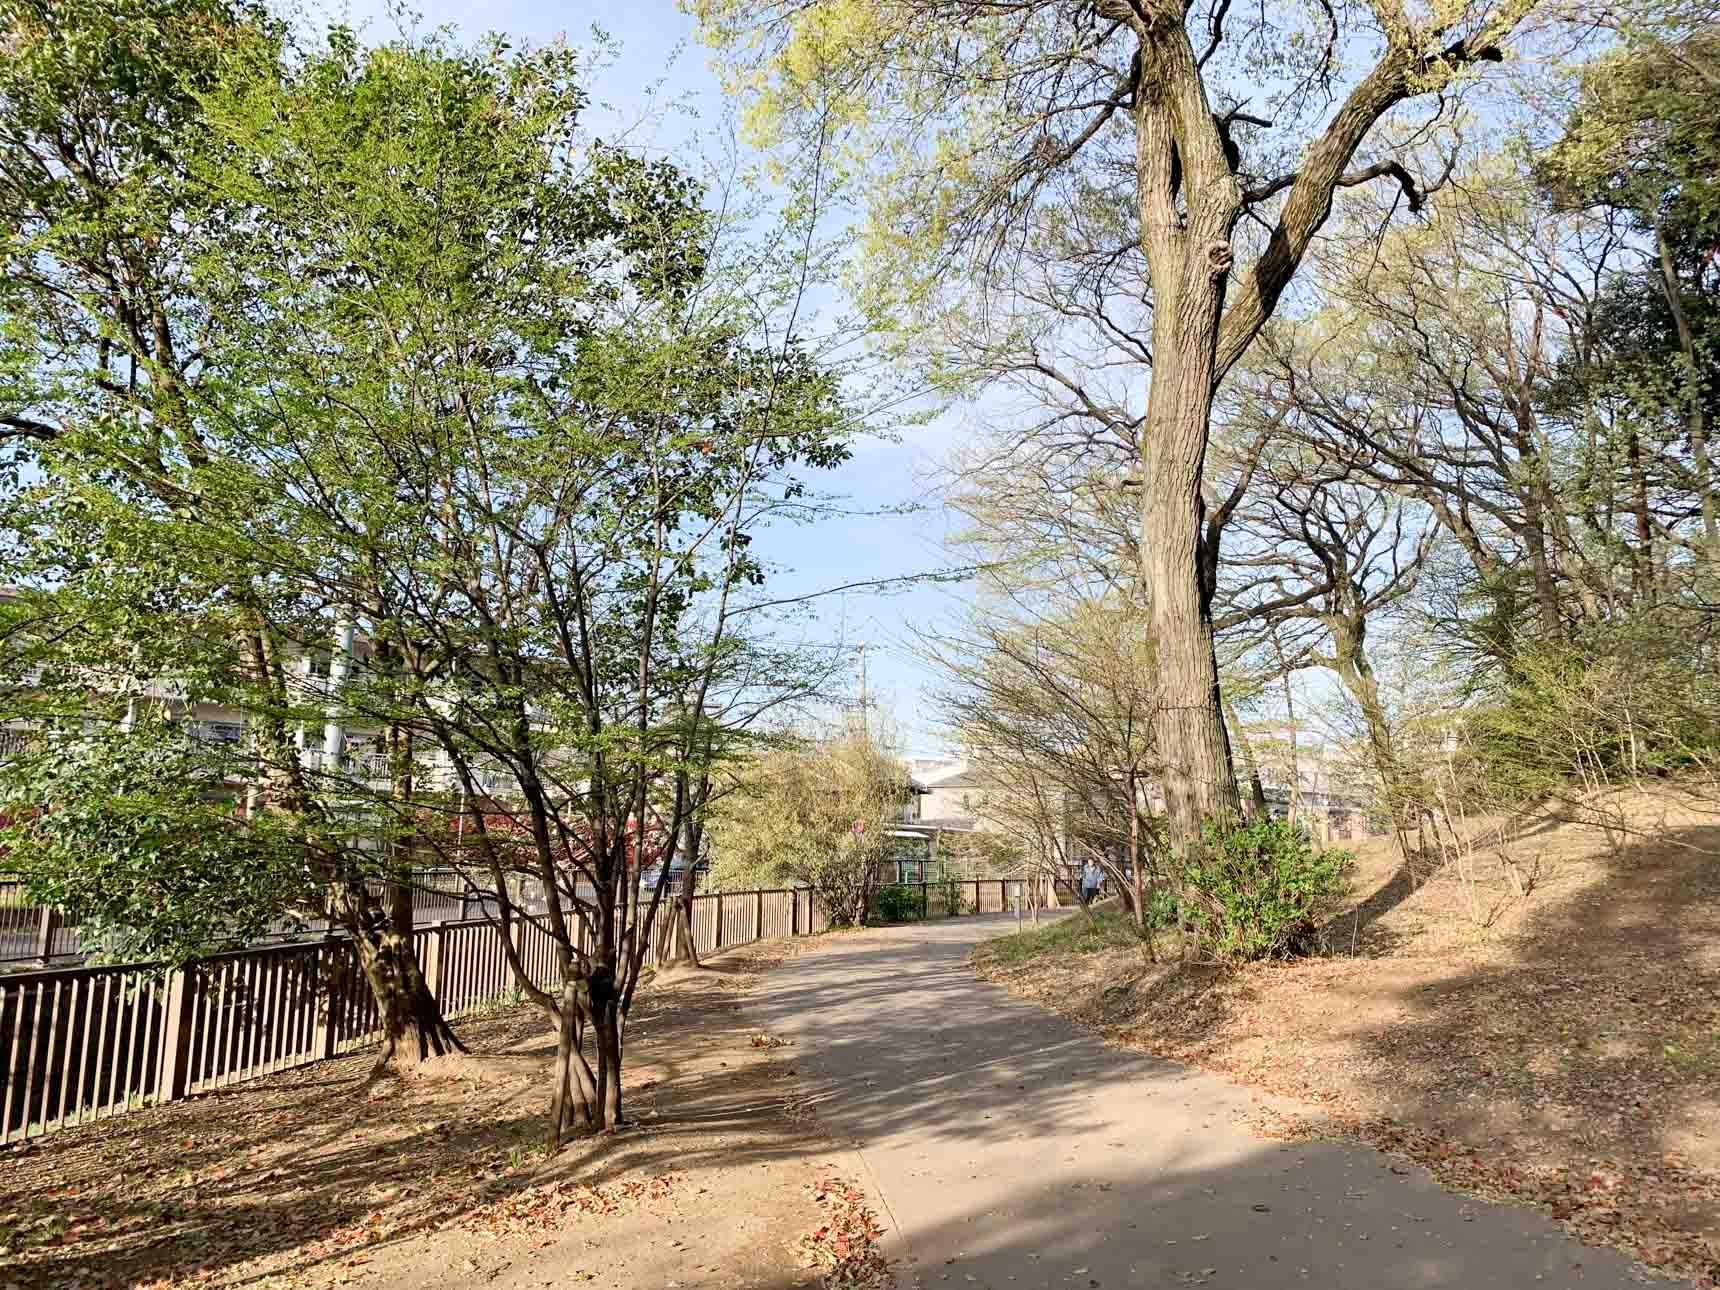 新江古田駅から南へと歩いていくと、江古田川に囲まれてたくさんの大きな樹々が残された公園、「江古田の森公園」があります。